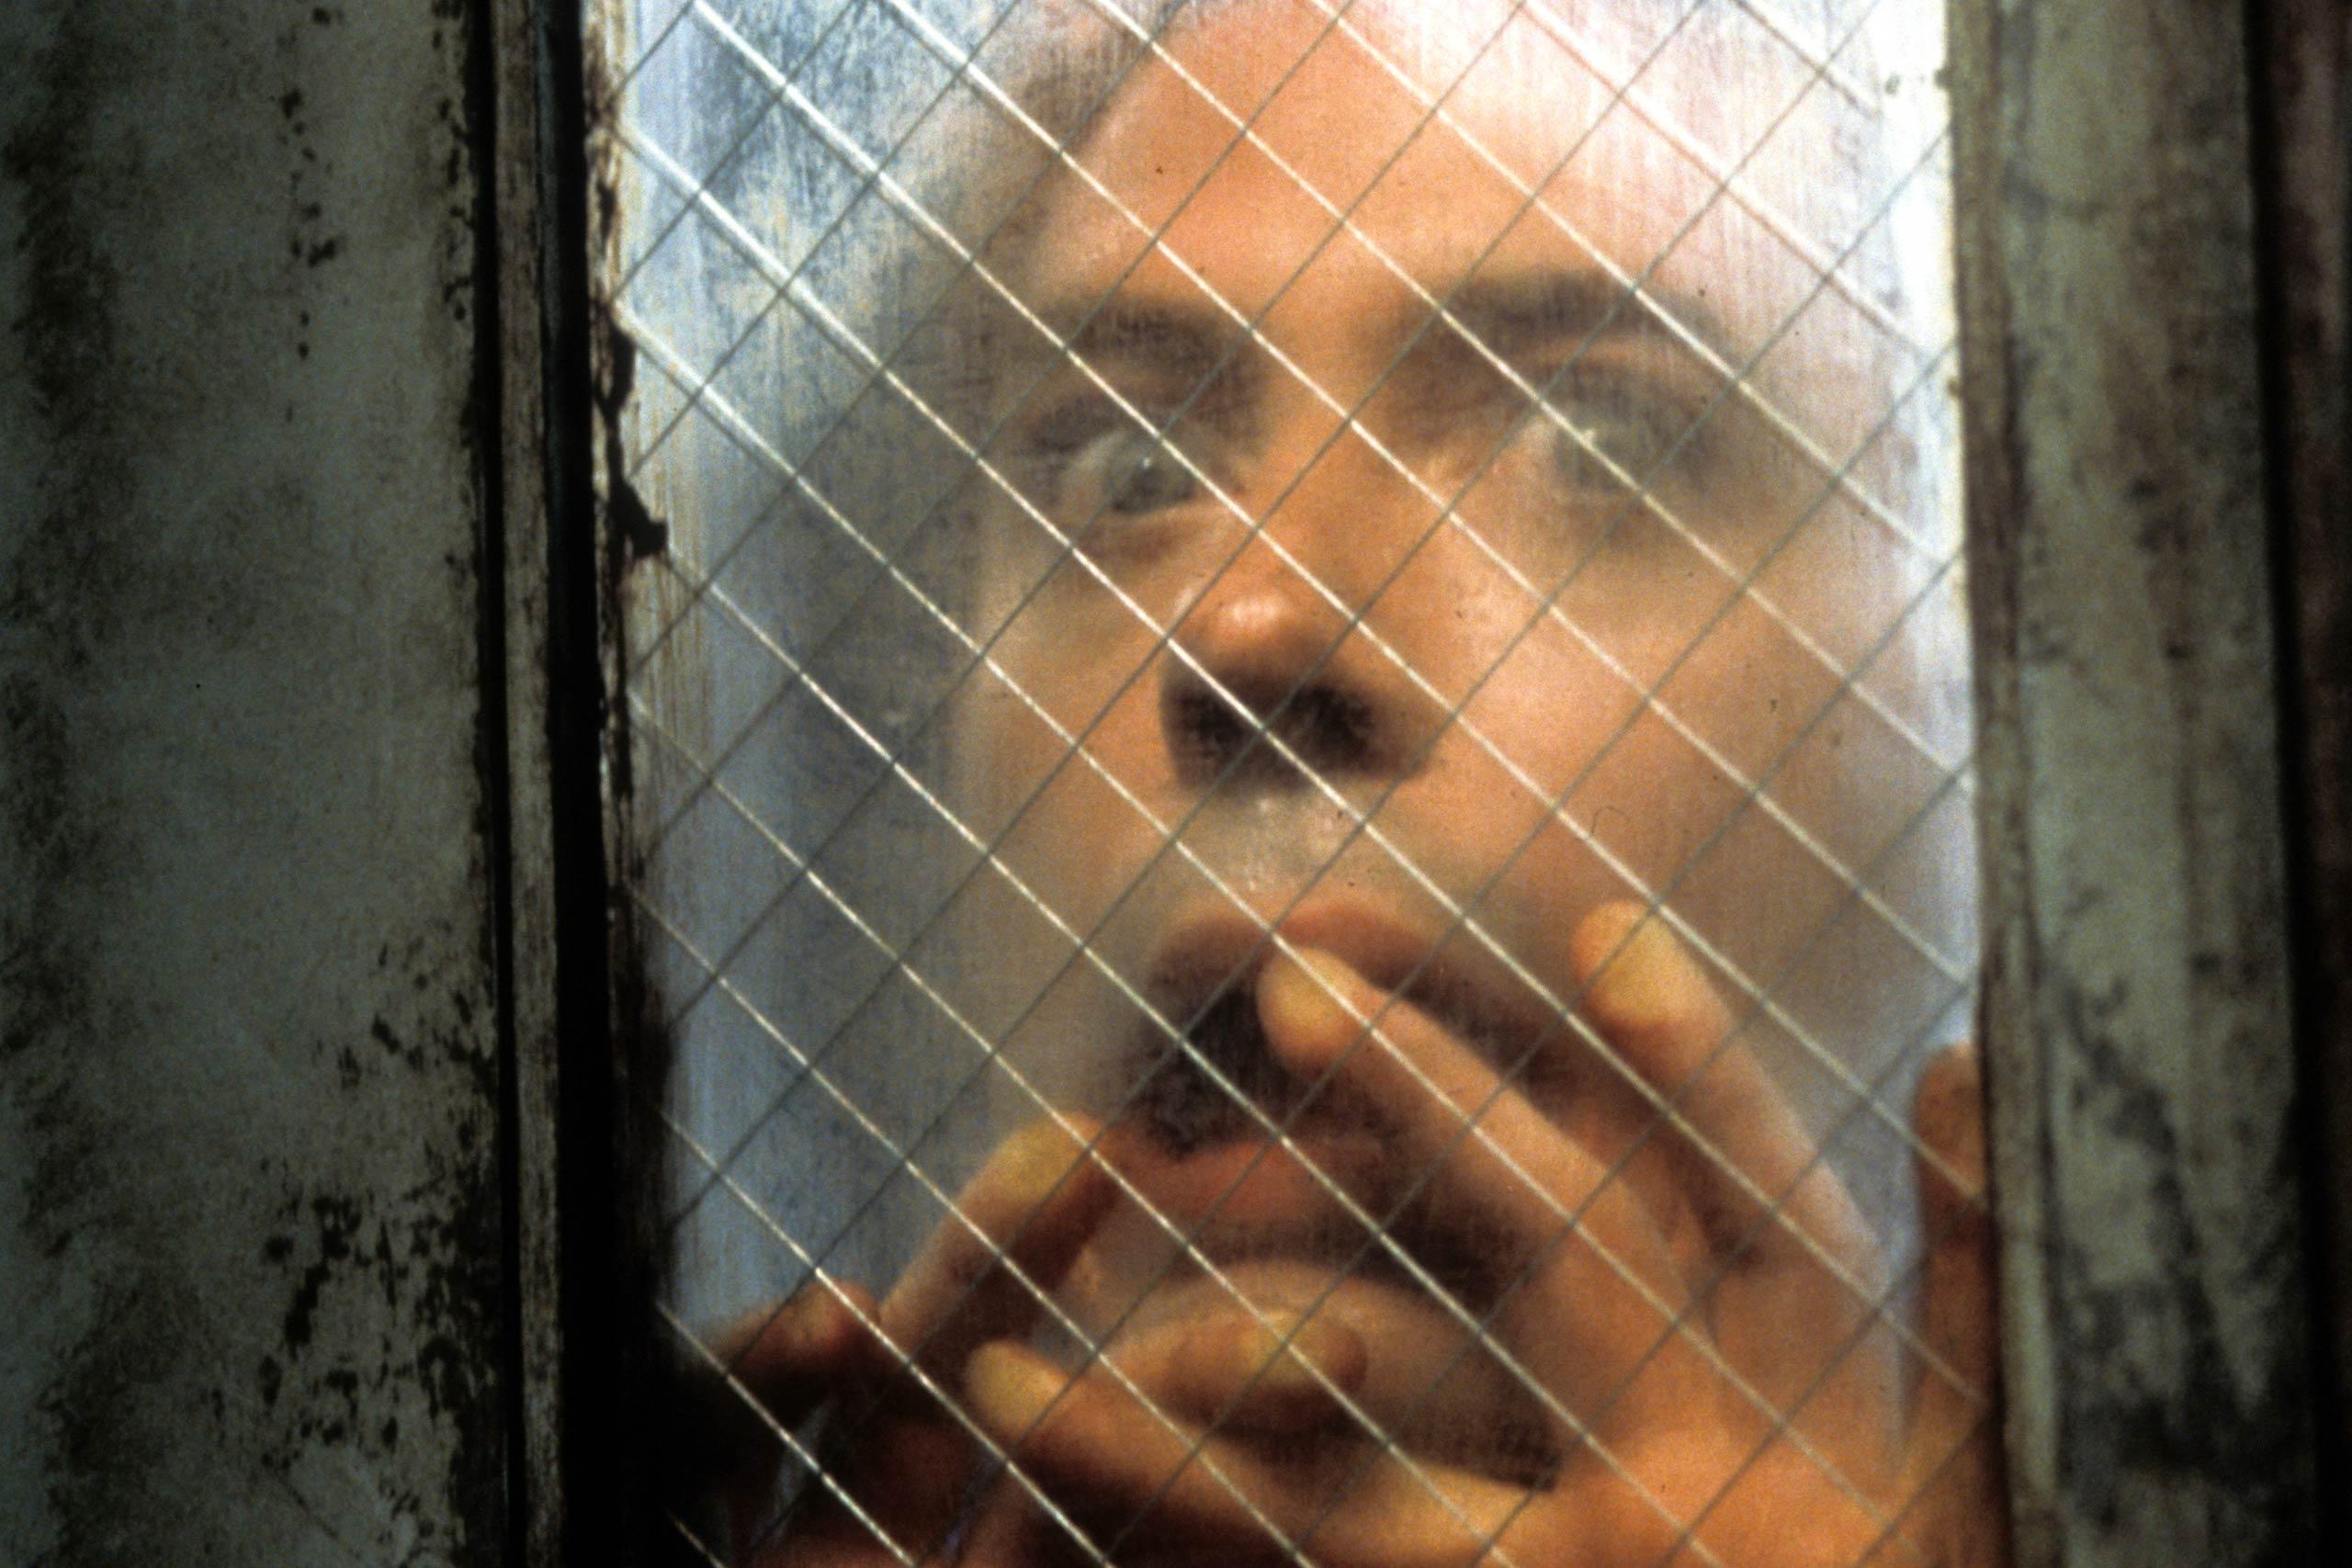 Robert Downey Jr in <i>In Dreams</i>, 1999.